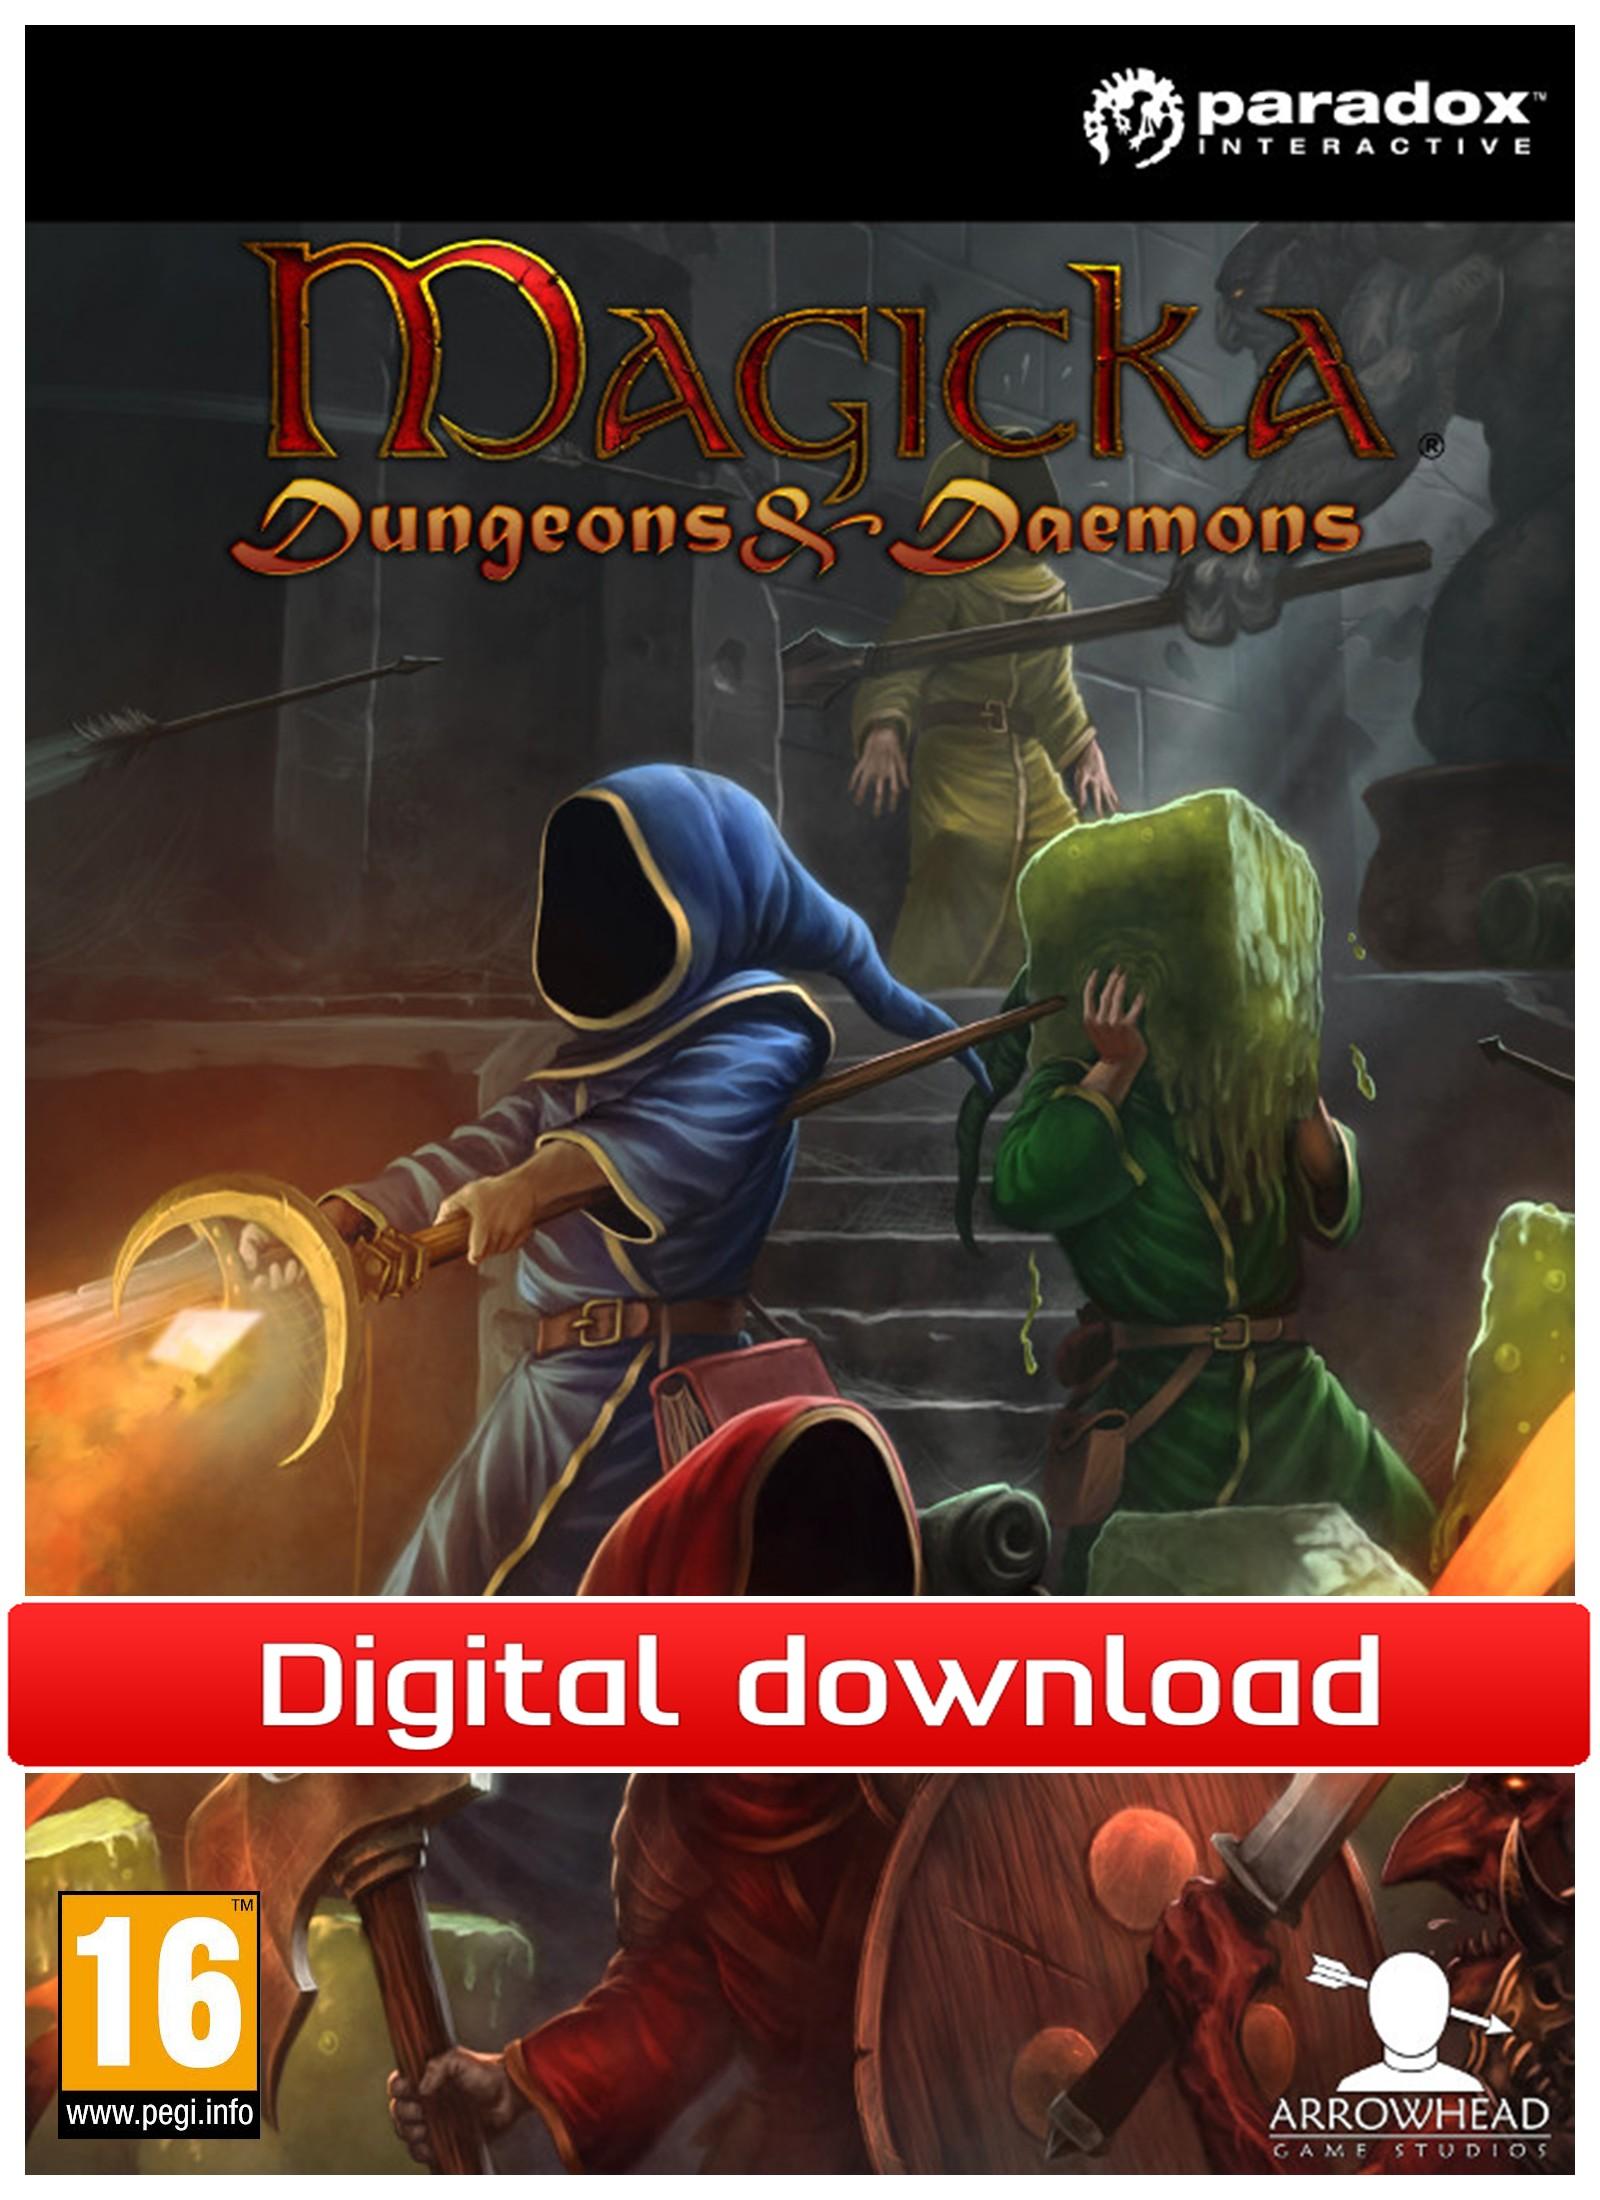 30731 : Magicka: Dungeons & Daemons DLC (PC nedlastning)